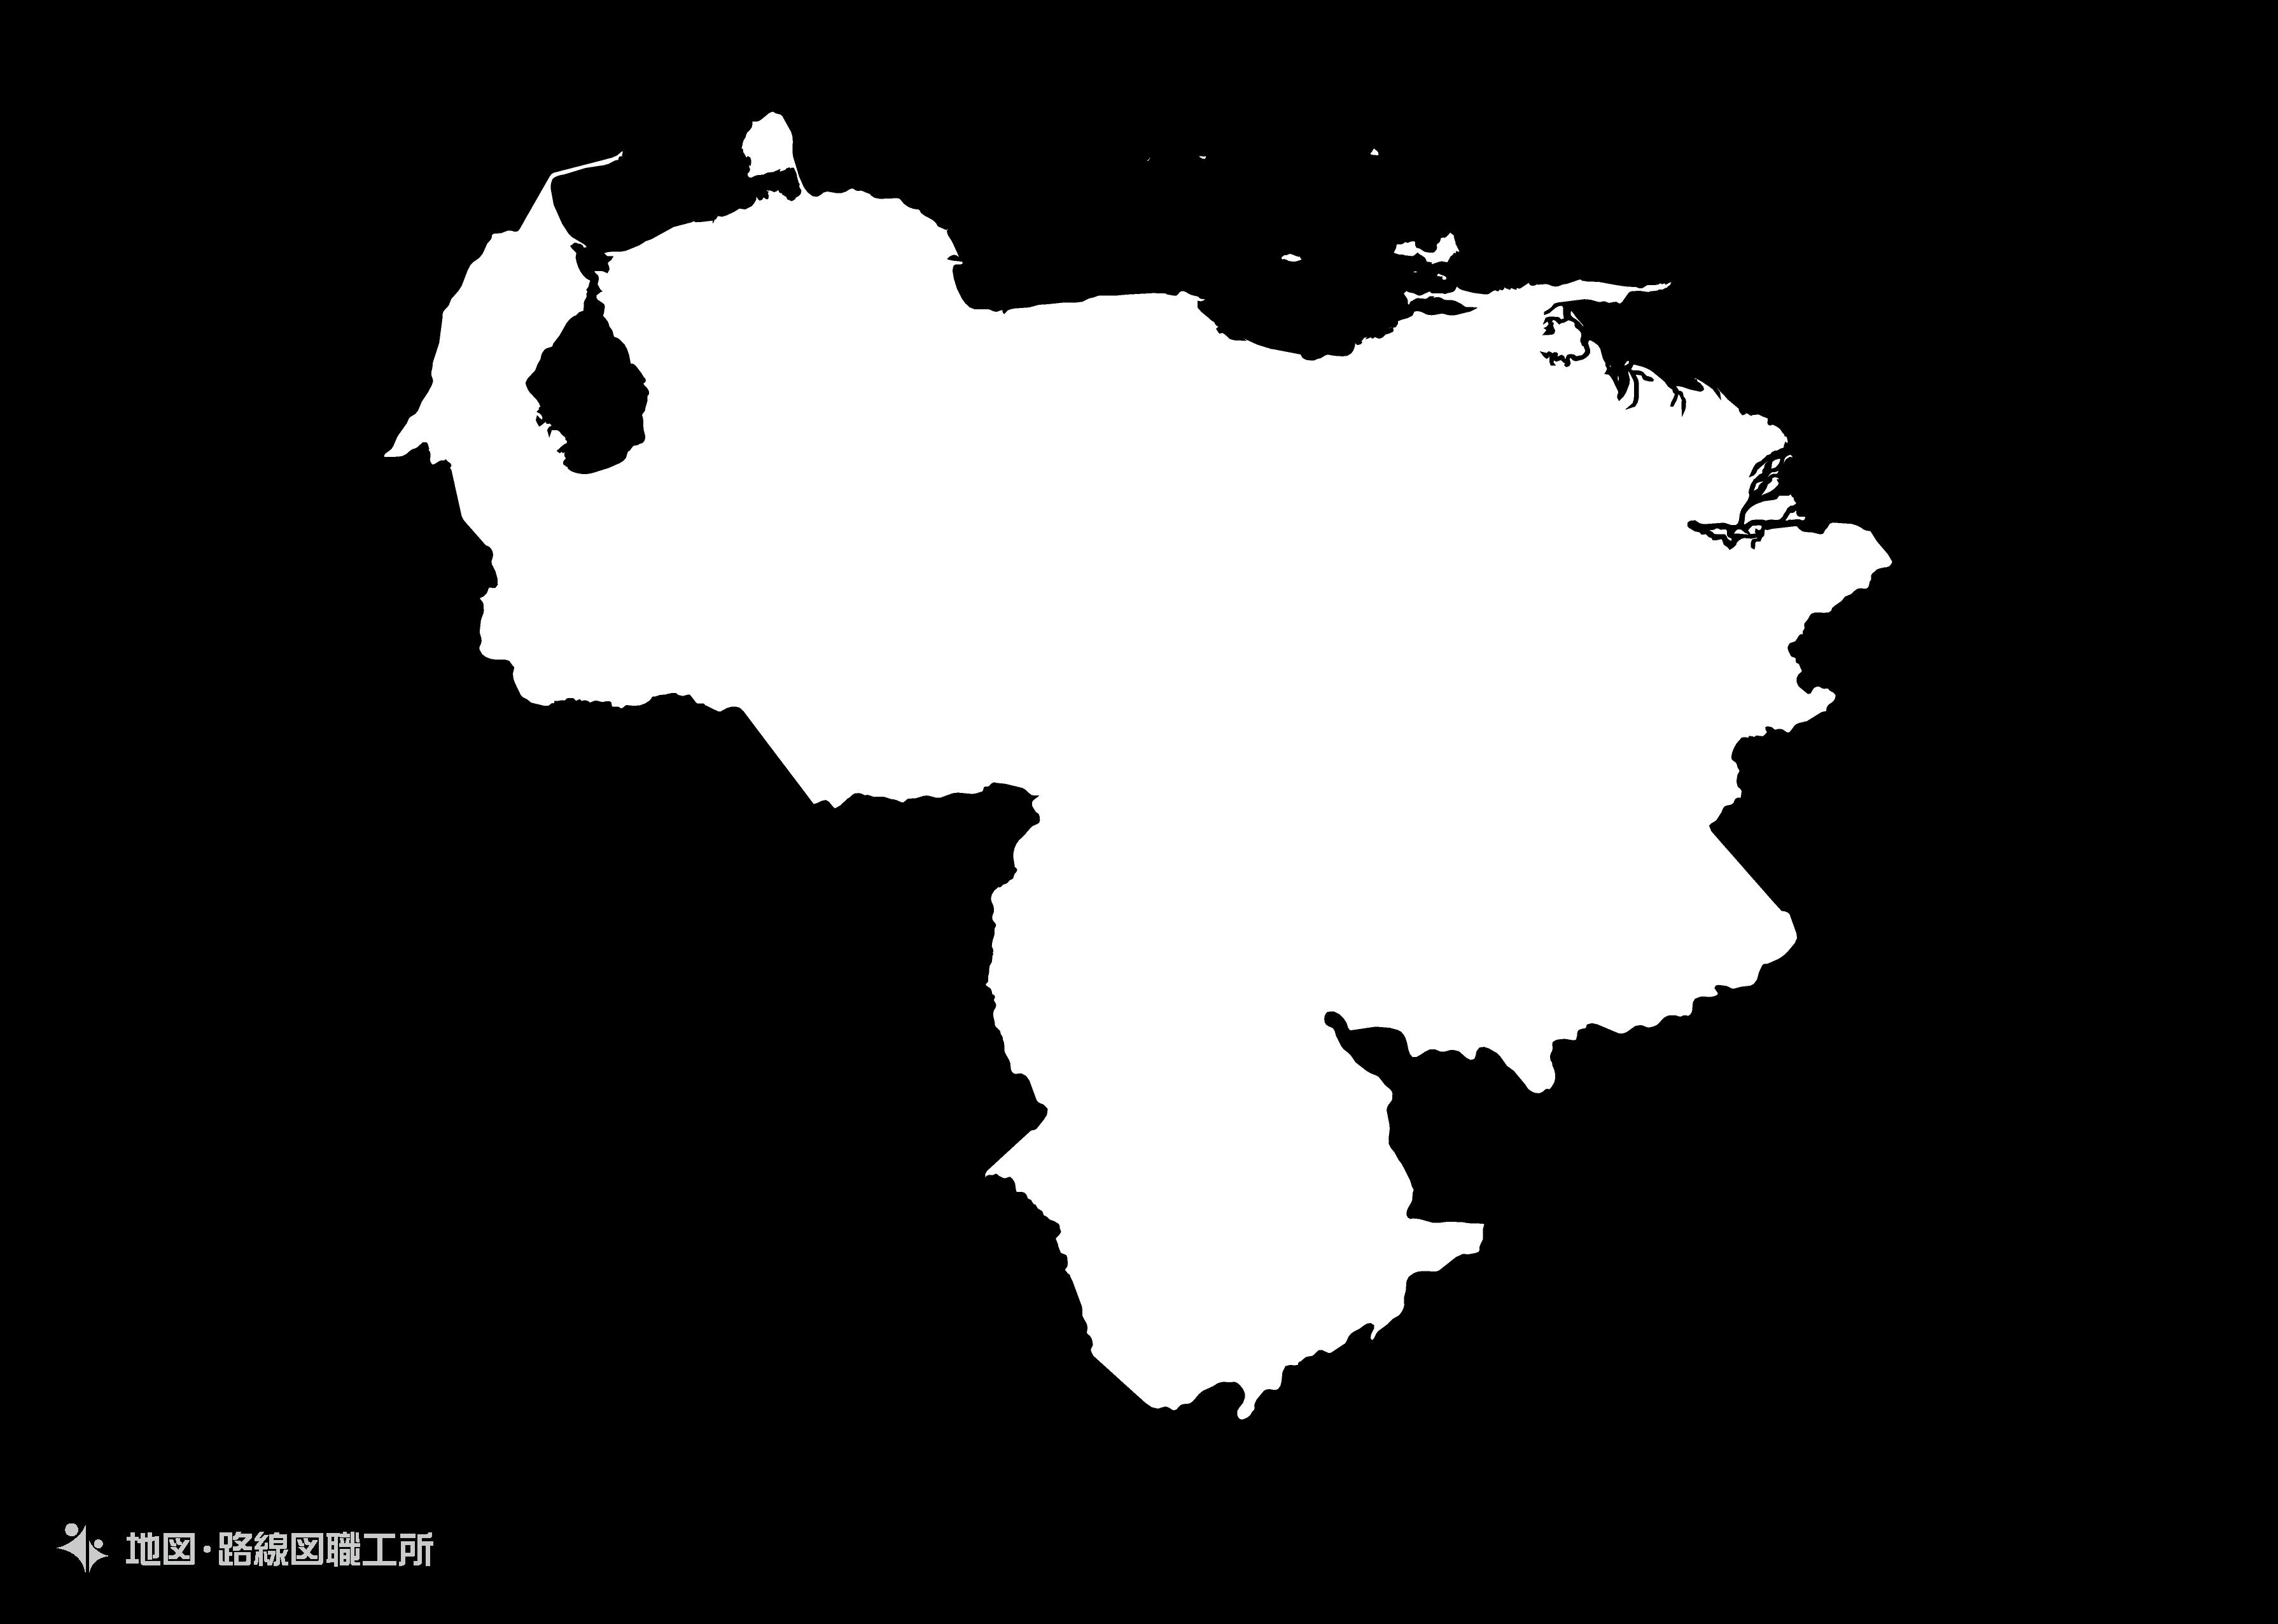 世界の白地図 ベネズエラ・ボリバル共和国 bolivarian-republic-of-venezuela map